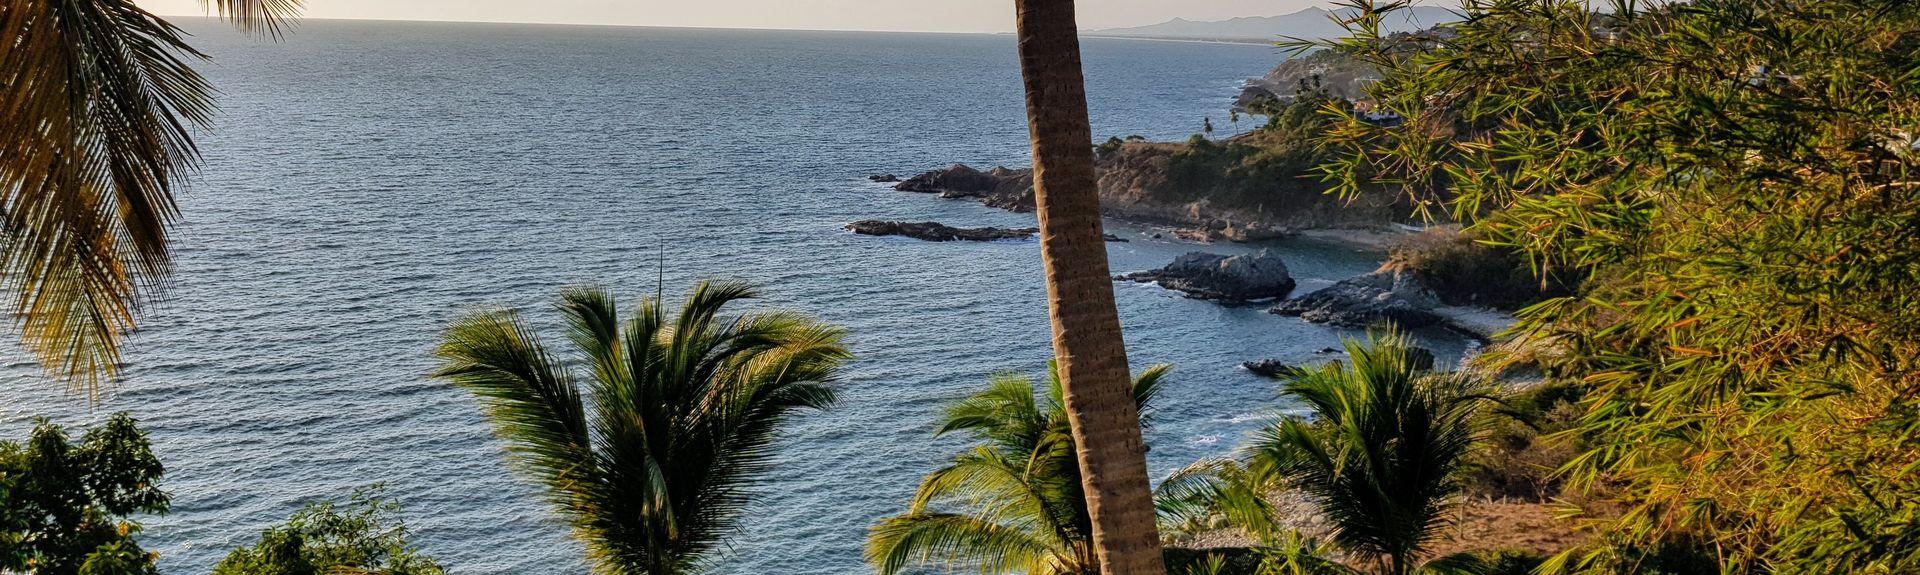 Luces Beach, Acapulco, Guerrero, Mexico